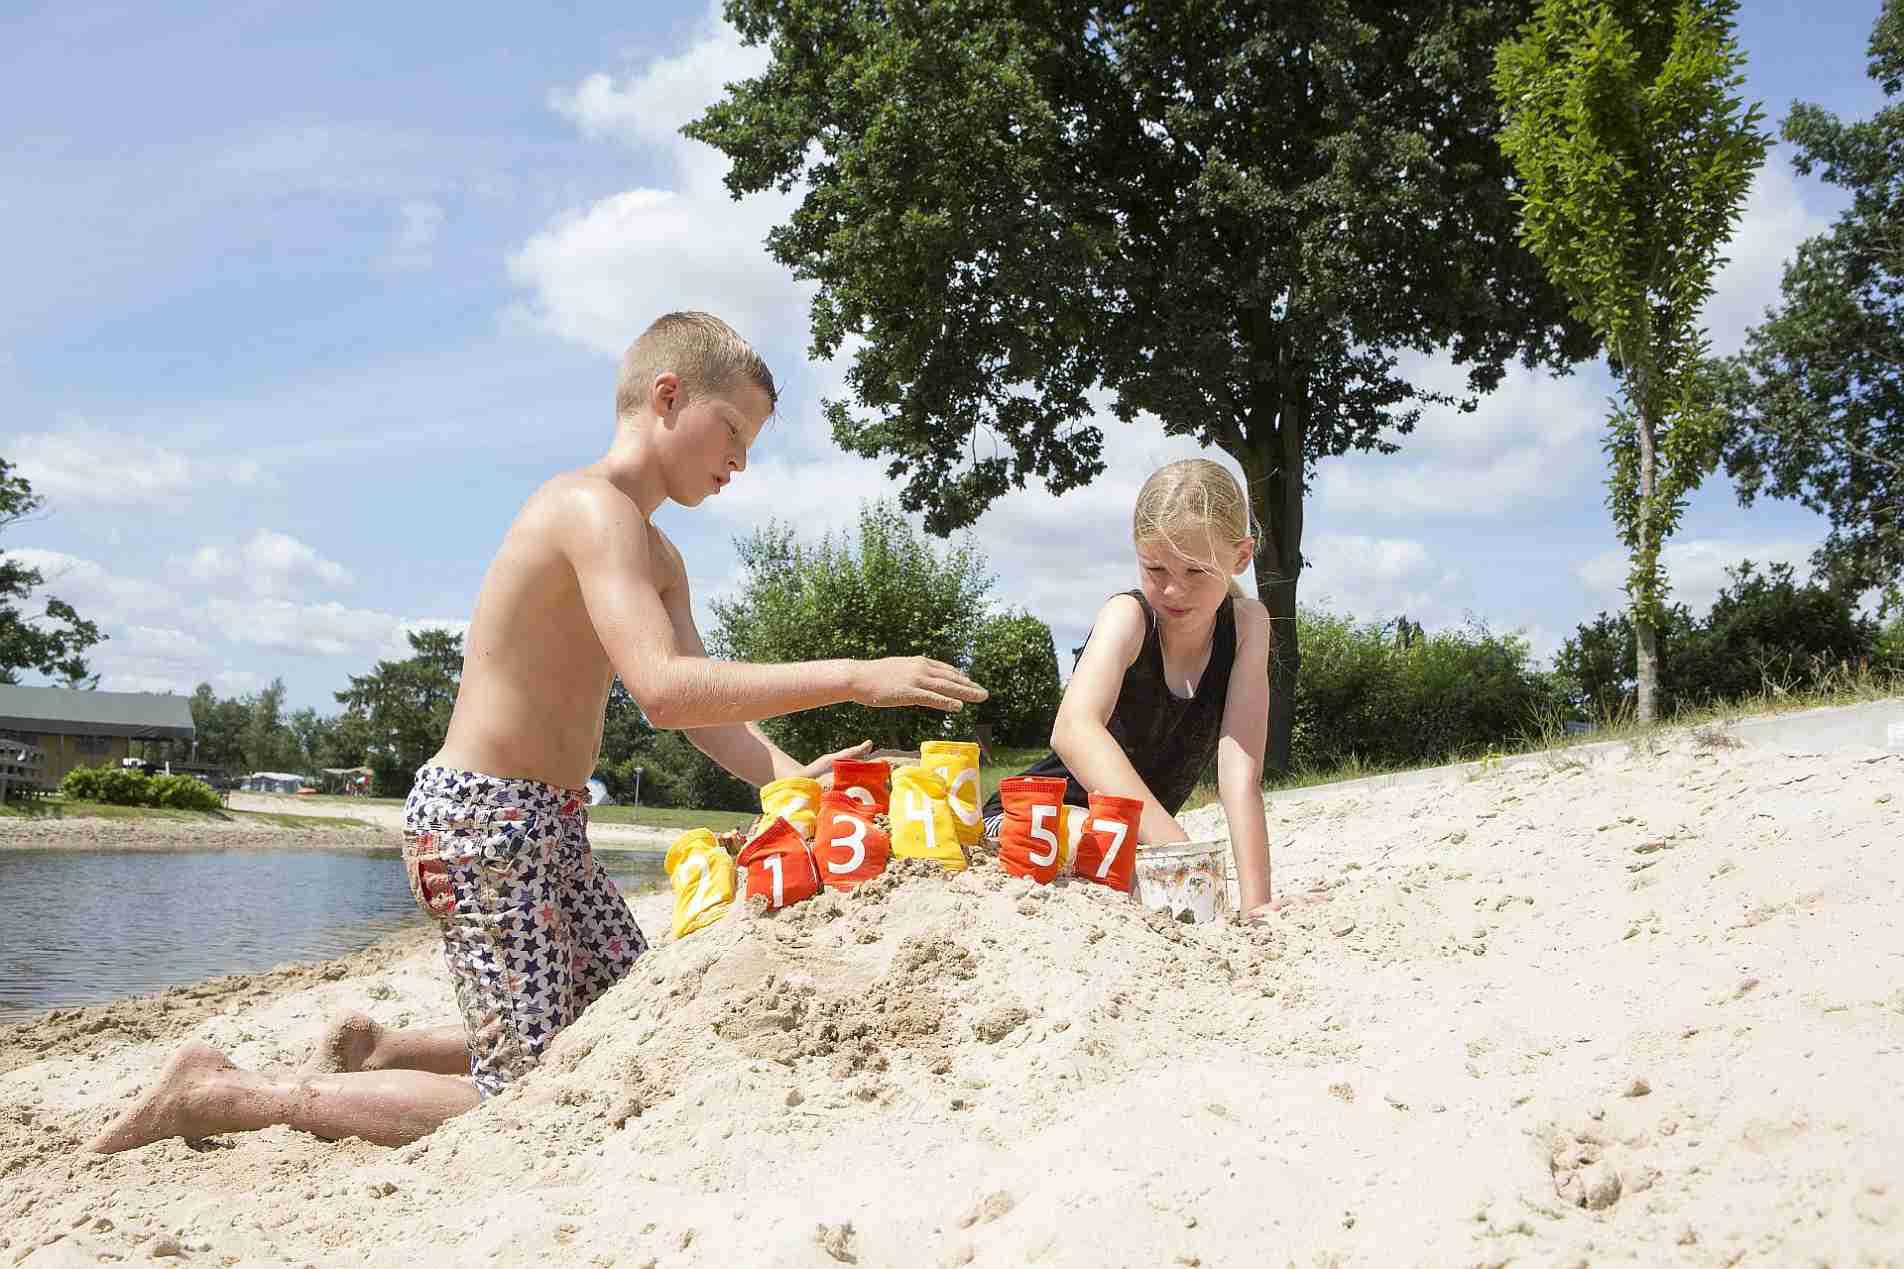 Familiecamping Overijssel voor het hele gezin genieten - Mooie familiecamping in Overijssel